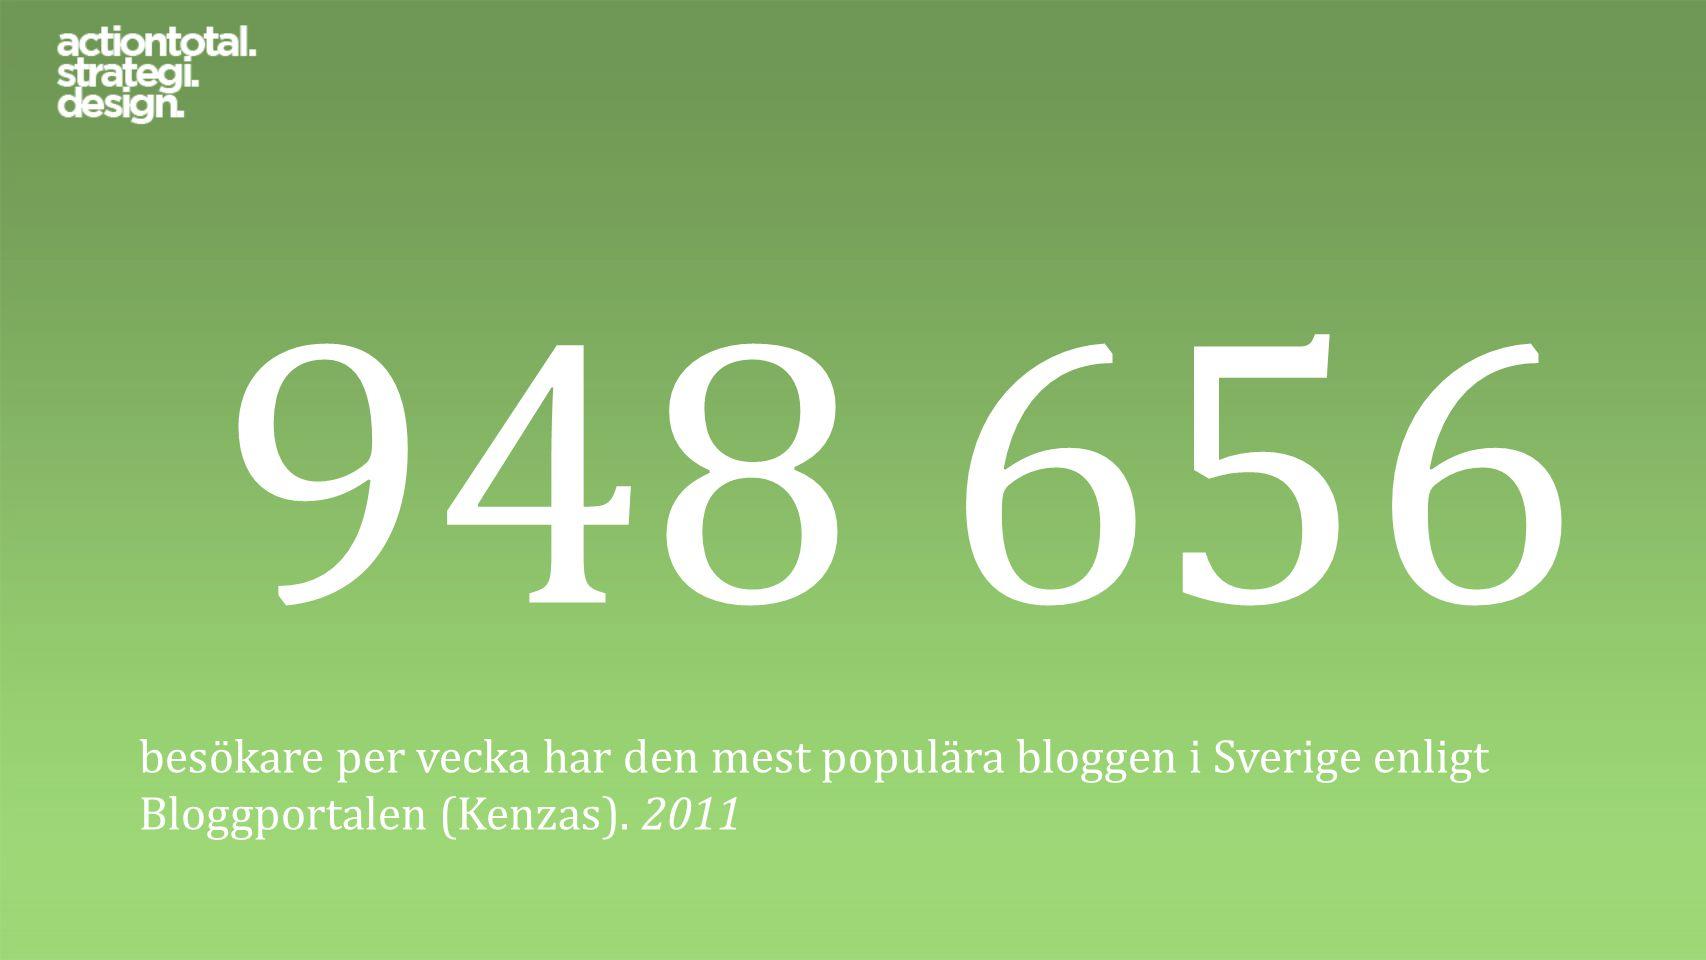 948 656 besökare per vecka har den mest populära bloggen i Sverige enligt Bloggportalen (Kenzas). 2011